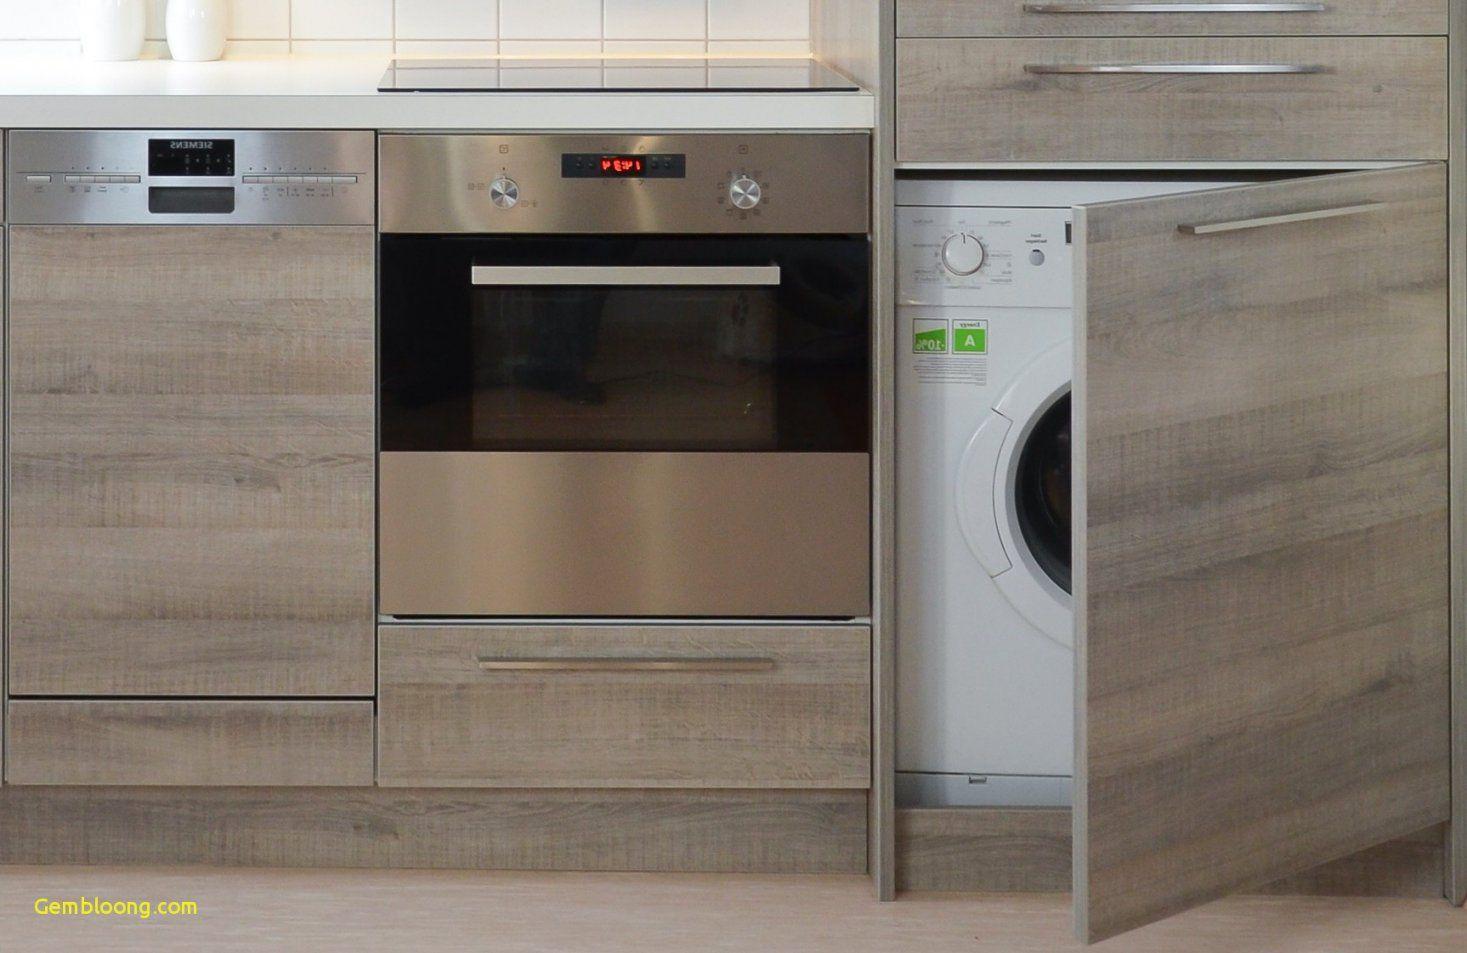 waschmaschine in k che verstecken haus design ideen. Black Bedroom Furniture Sets. Home Design Ideas